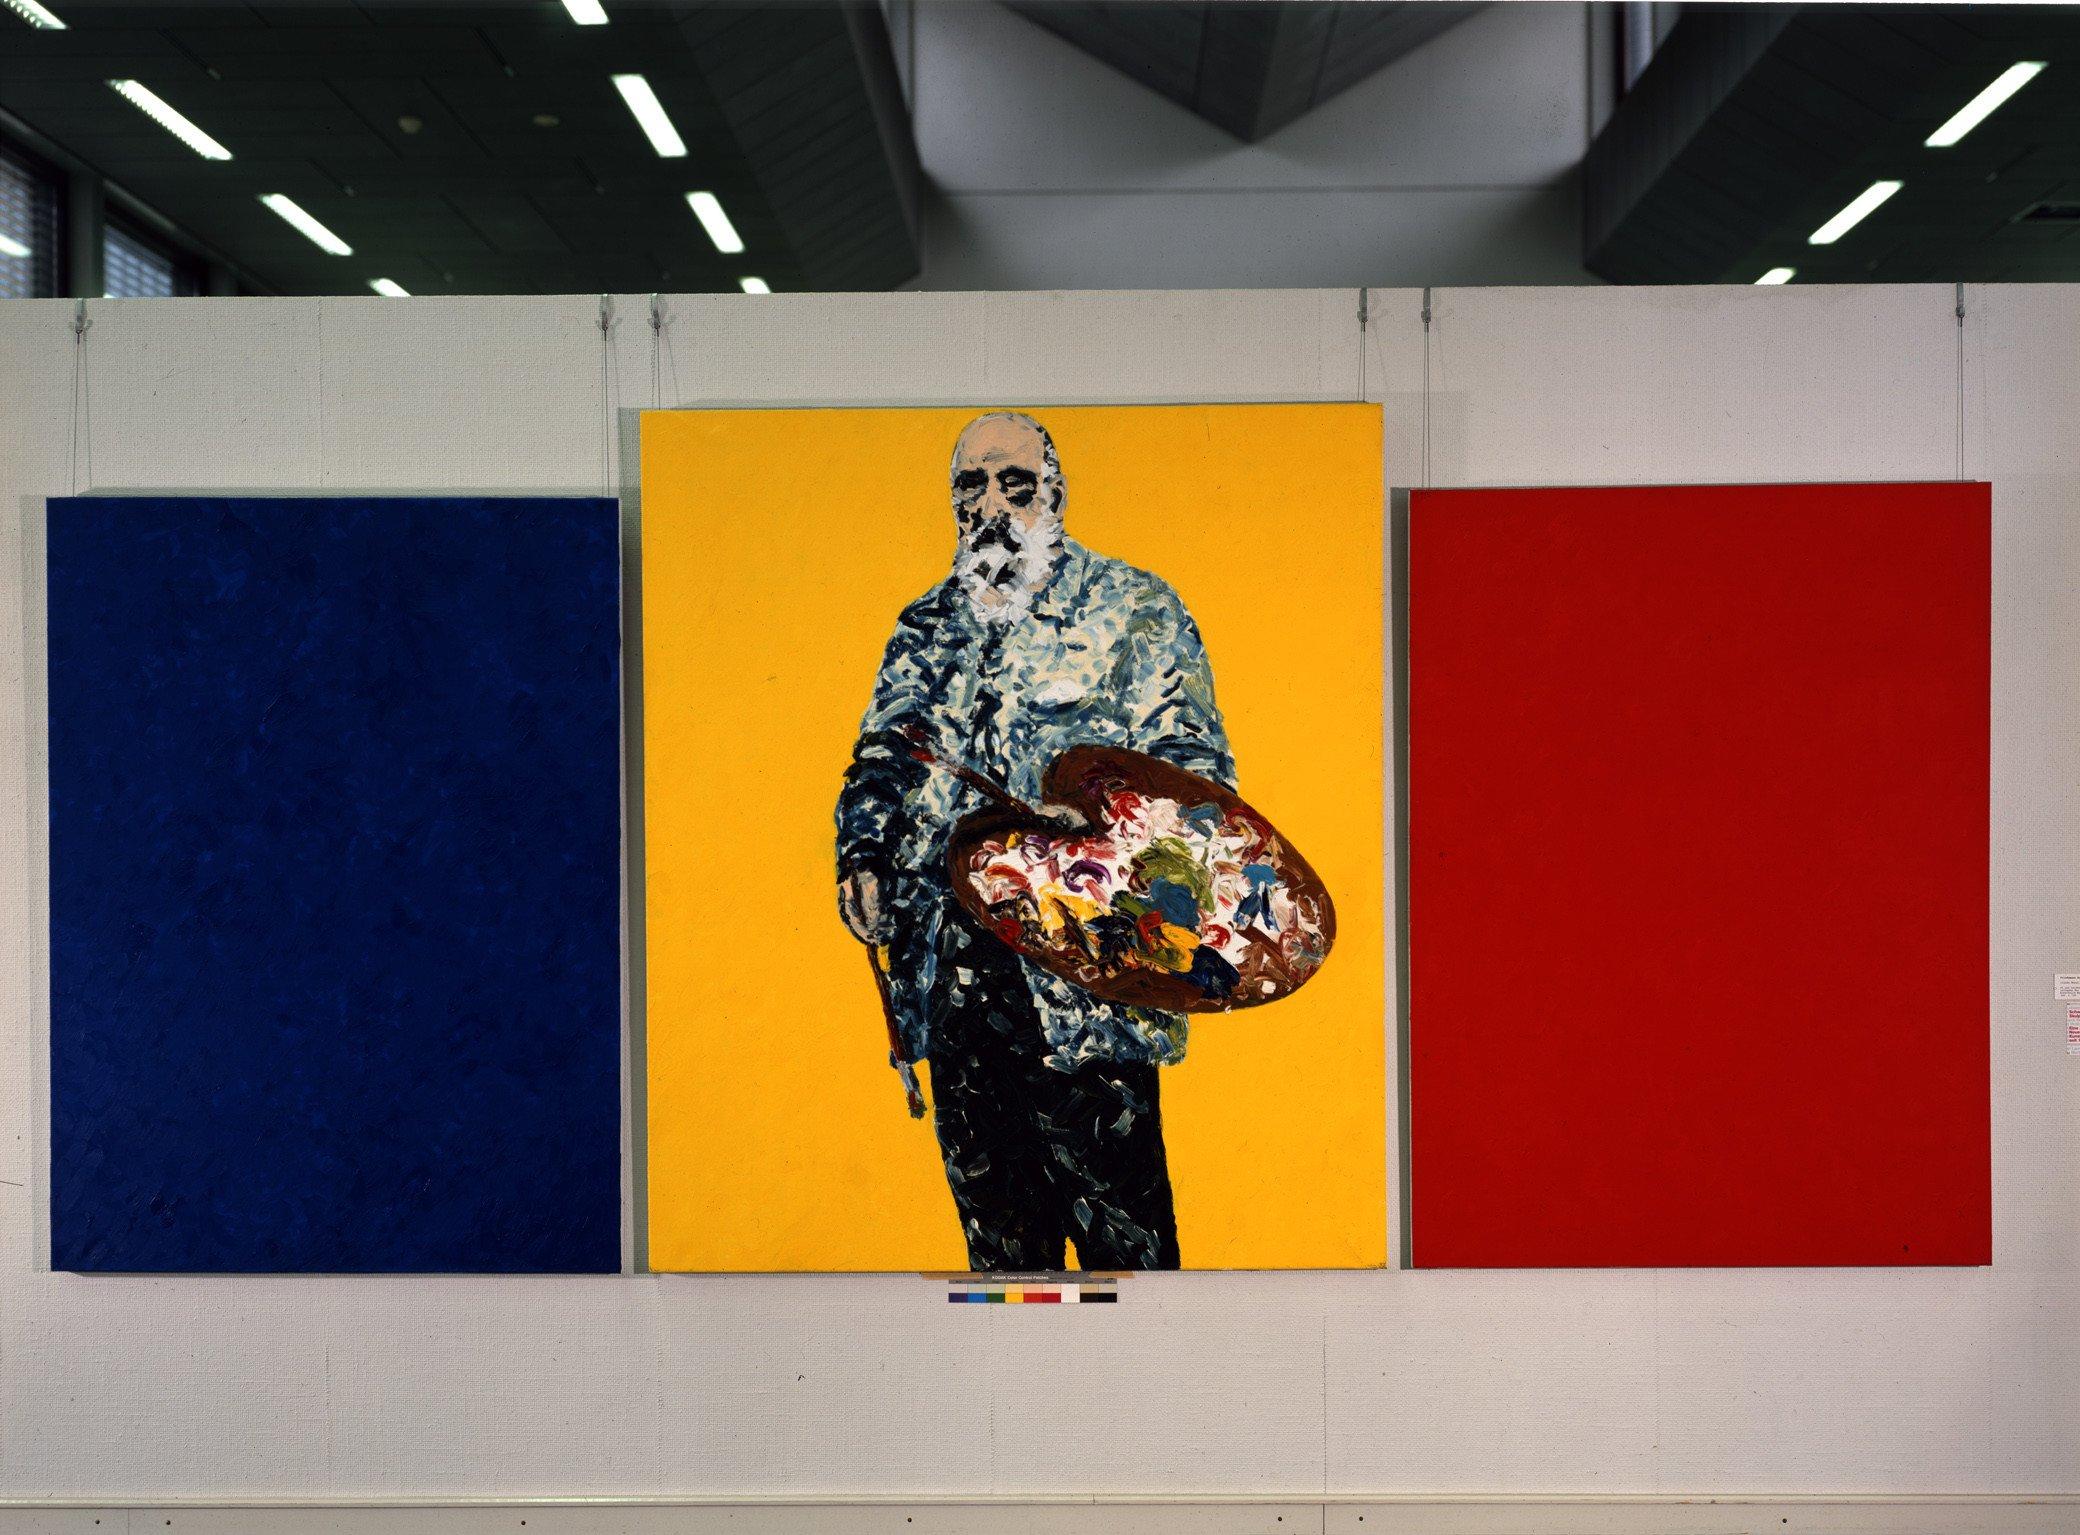 Claude Monet, Giverny um 1920 (dreiteilig), 1982, Öl auf textilem Bildträger; Leihgabe des Förderkreises für die Kunsthalle Mannheim e.V. seit 1986; © Friedemann Hahn , Kunsthalle Mannheim